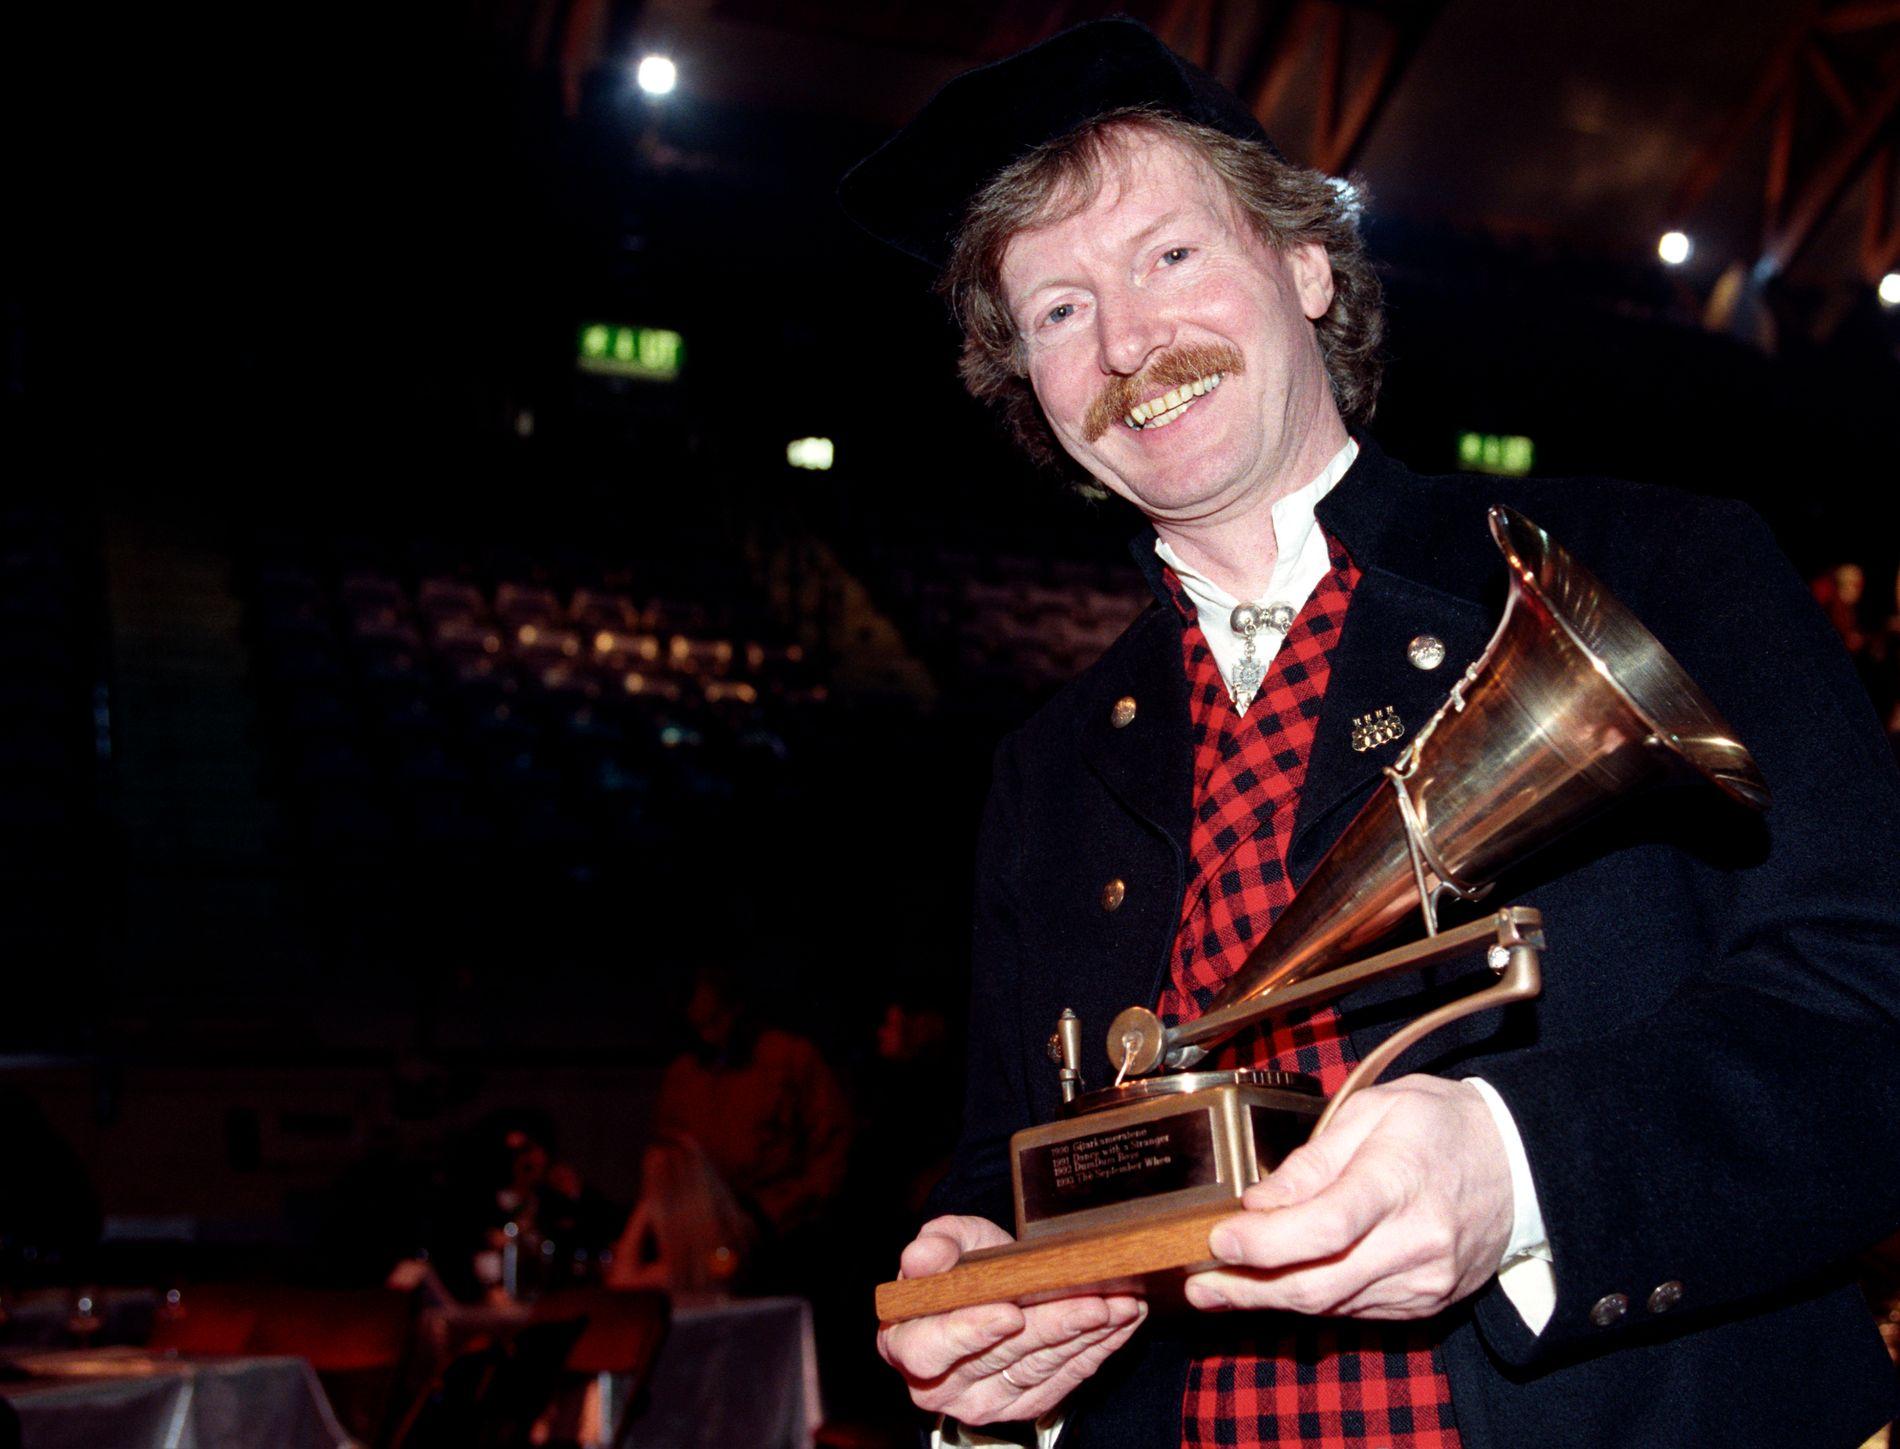 SATT PRIS PÅ: Øystein Sunde er satt pris på i en årrekke. Han er blant annet kåret til Årets spellemann to ganger.